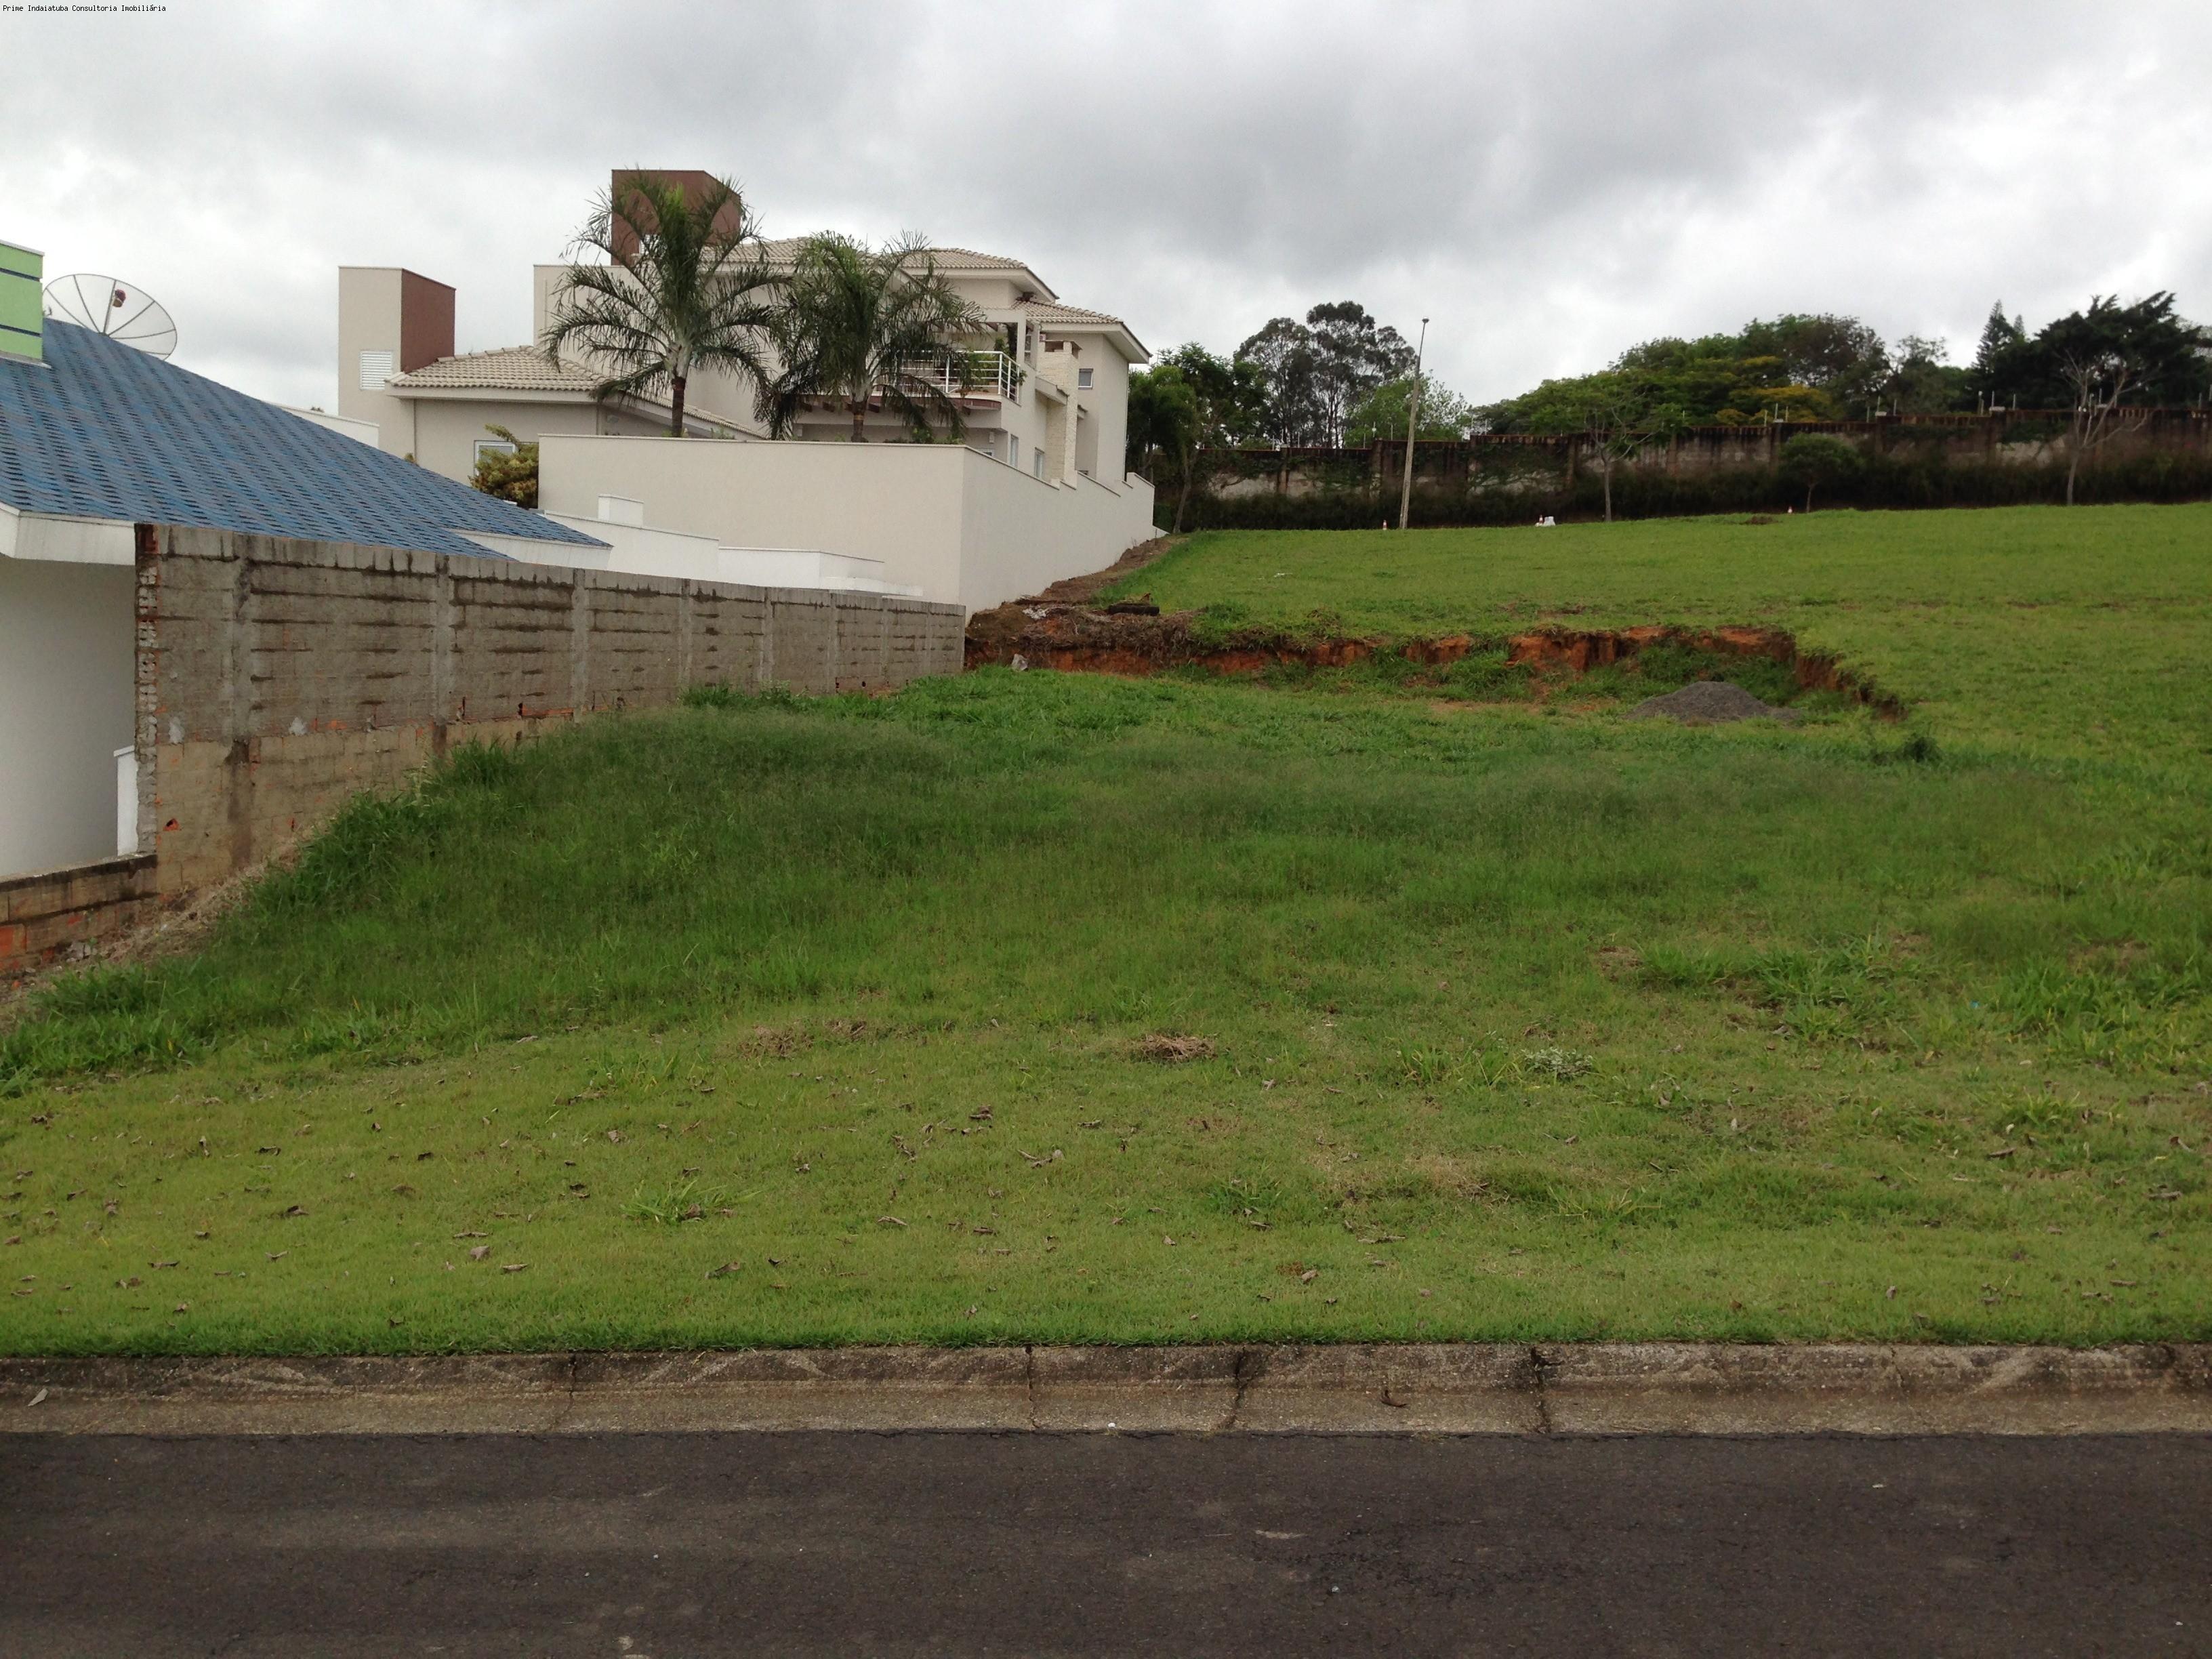 comprar ou alugar terreno no bairro jardim residencial santa clara na cidade de indaiatuba-sp